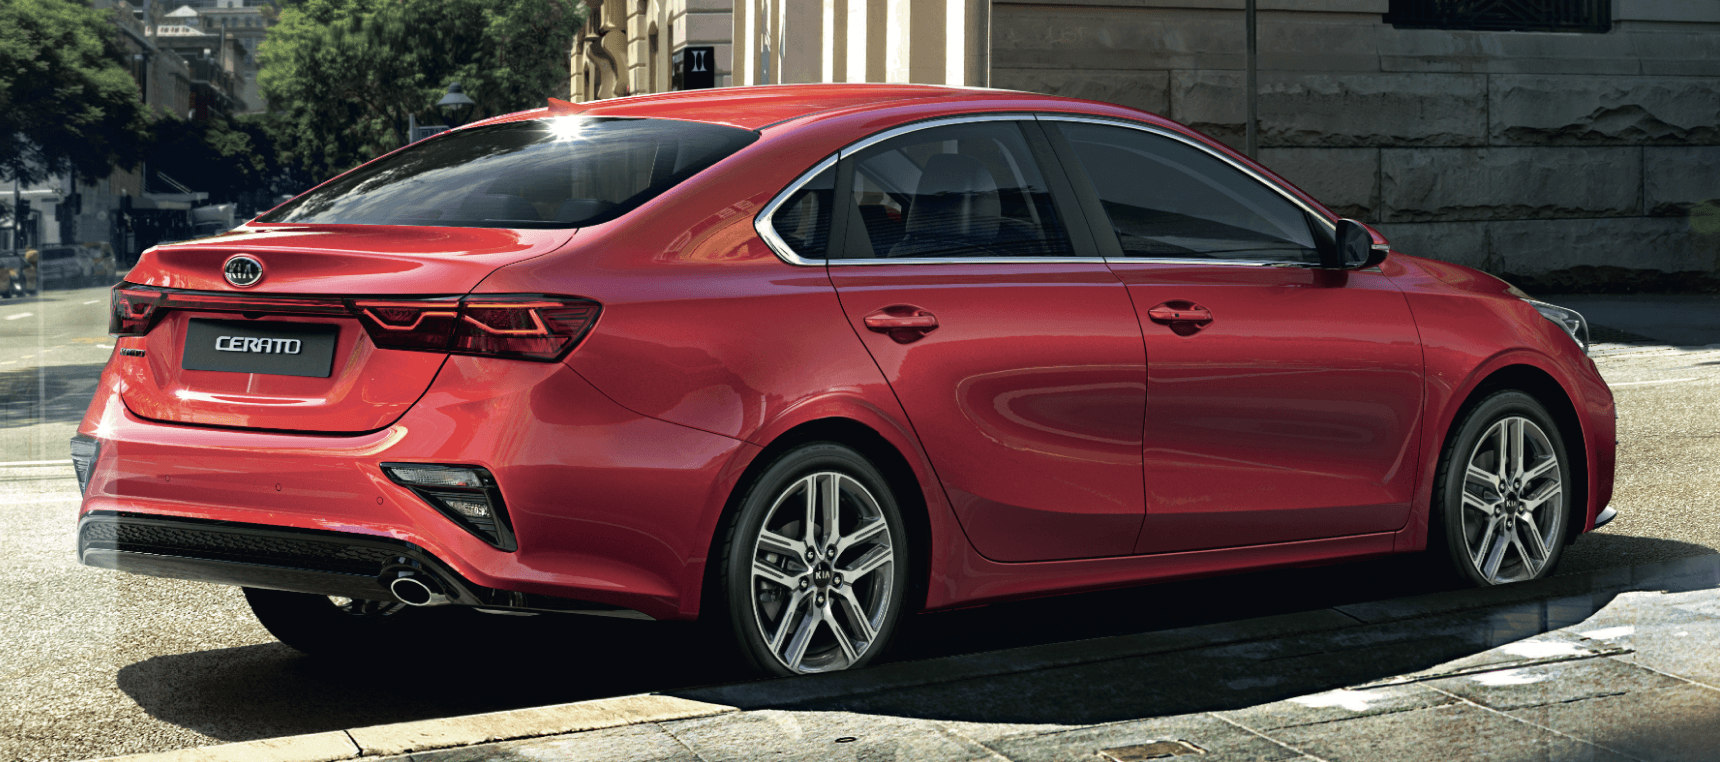 Чем выгоден прокат бюджетных авто как Kia Cerato